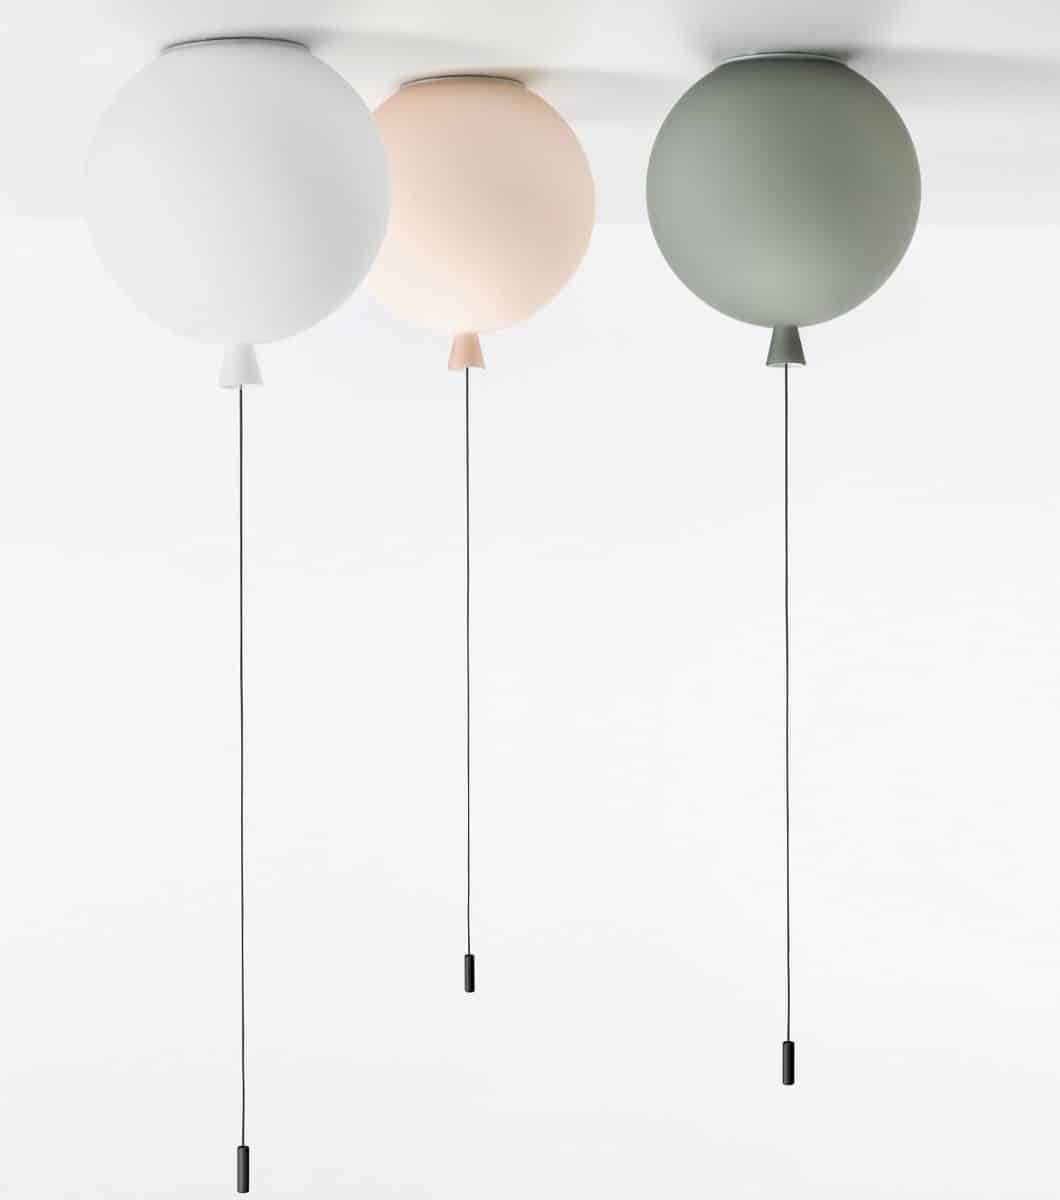 Manche Leuchten haben schlichtweg eine gute Idee, ein besonders auffälliges Merkmal oder einen hohen Wiedererkennungswert. Es lohnt sich, nach diesen Design-Leuchten für die Küche Ausschau zu halten - sie wirken stilprägend für den gesamten Küchenraum. (Foto: Boris Klimek für Brokis)